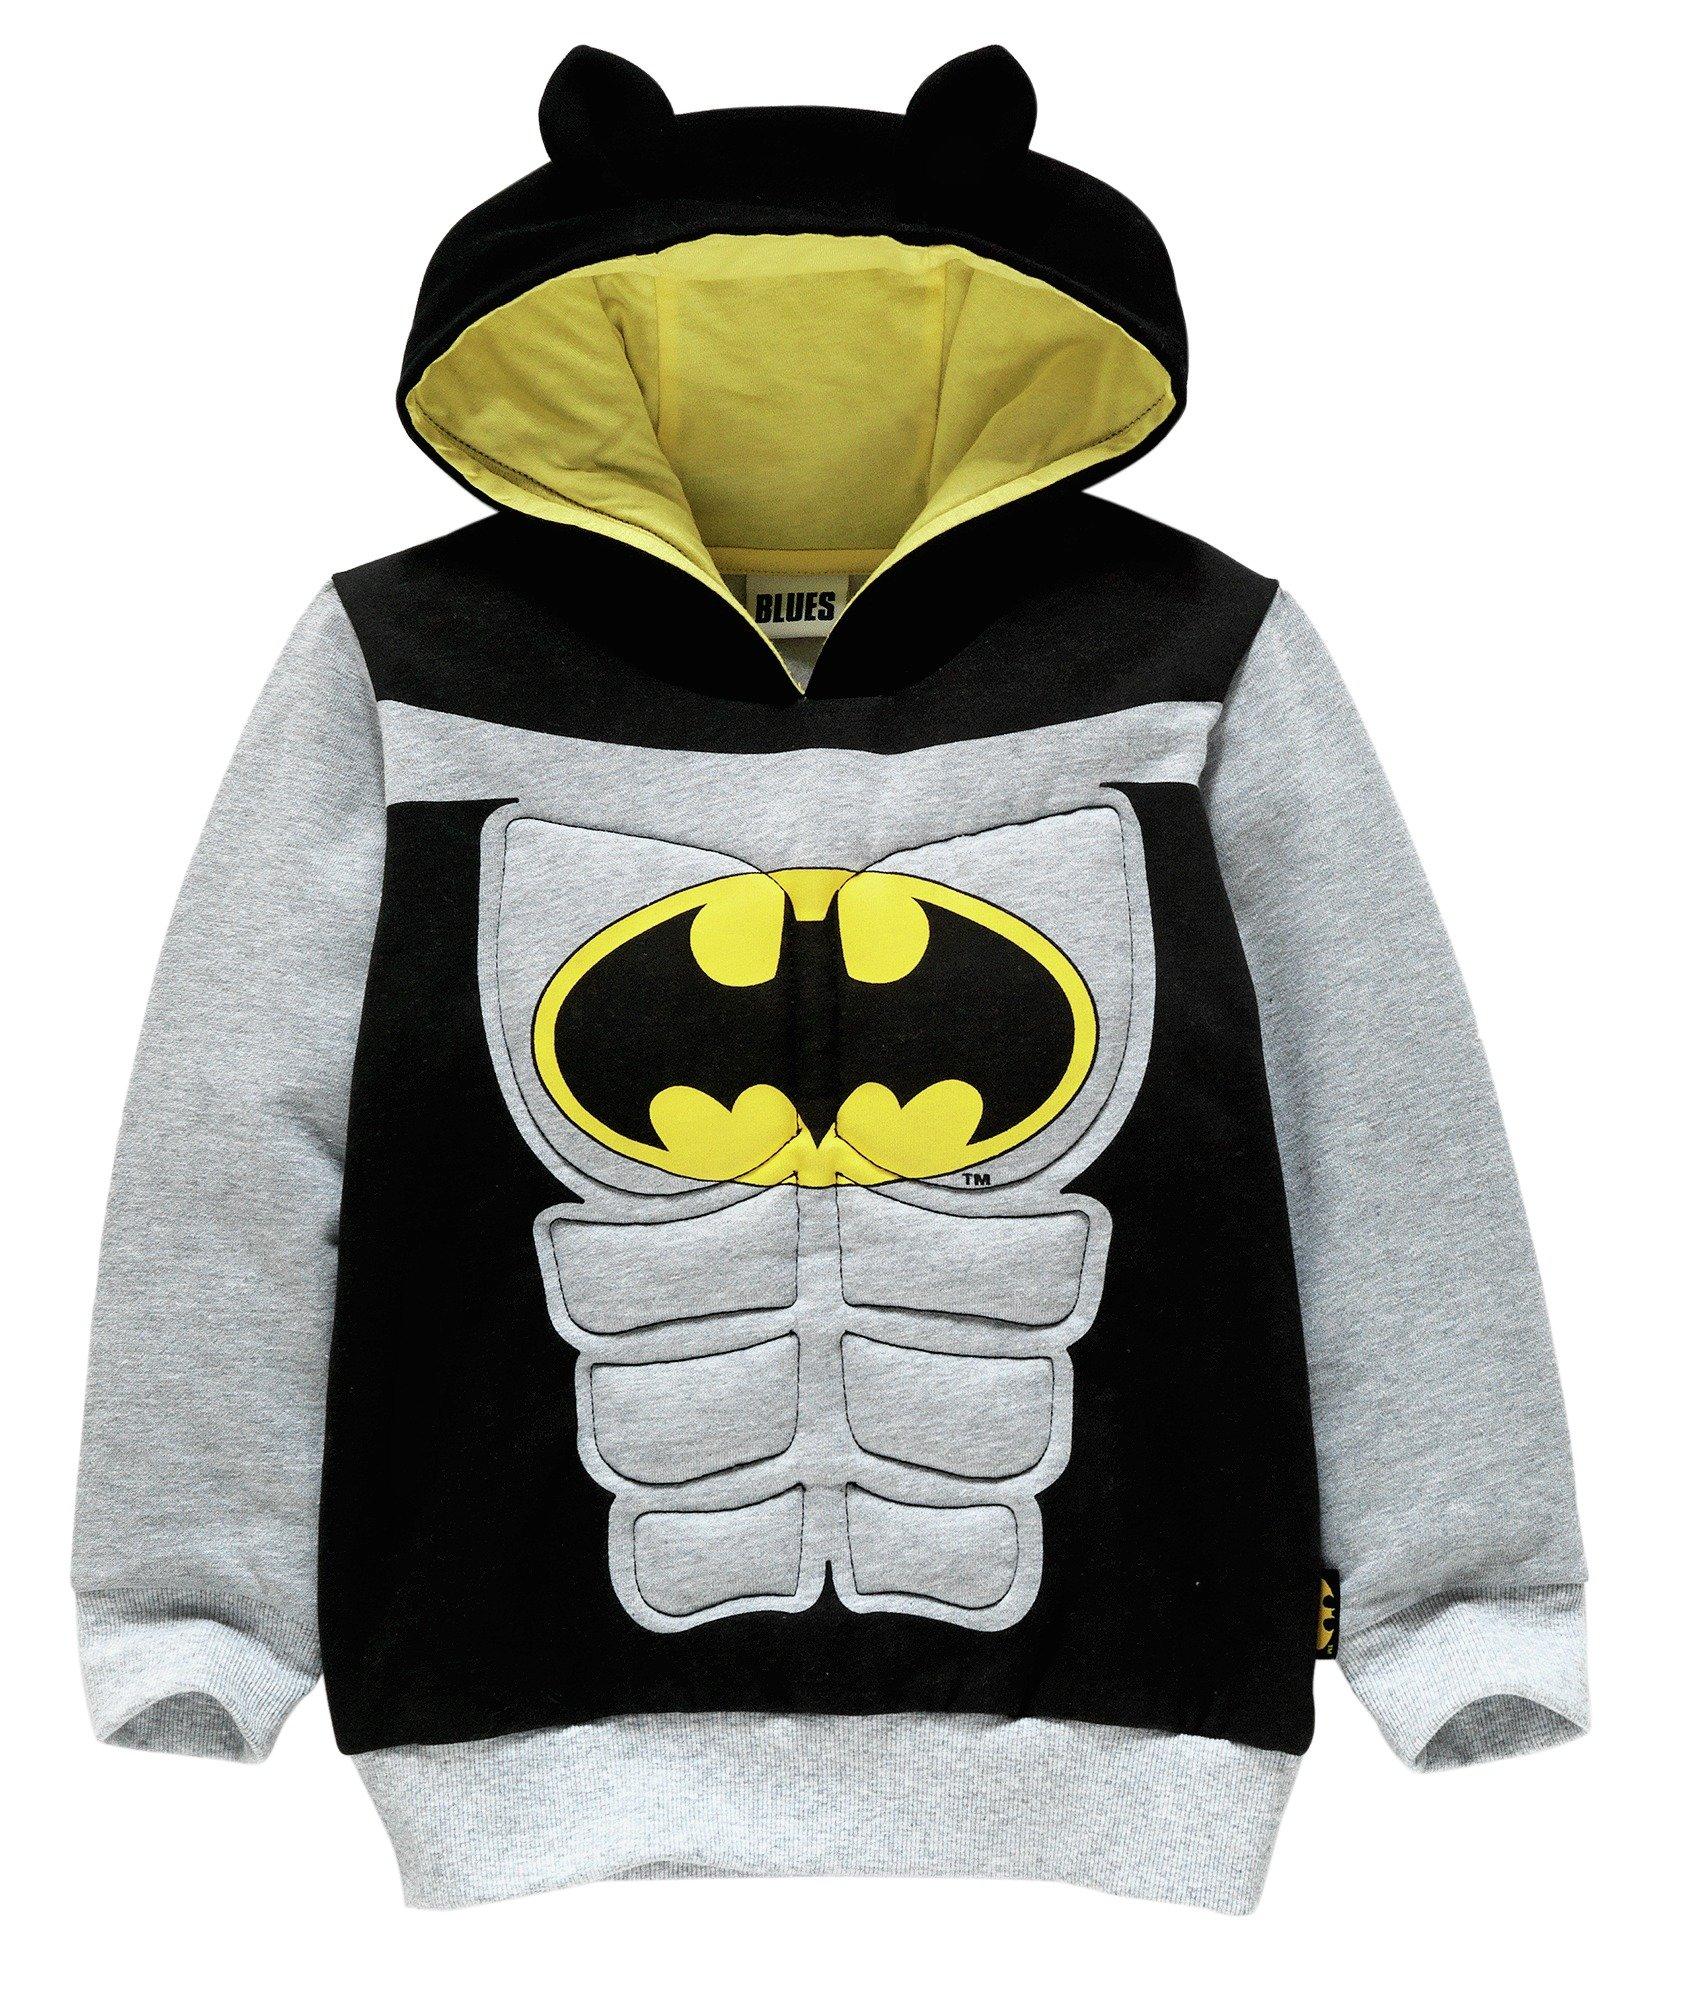 Image of Batman - Boys Muscle Hoodie - 2-3 Years